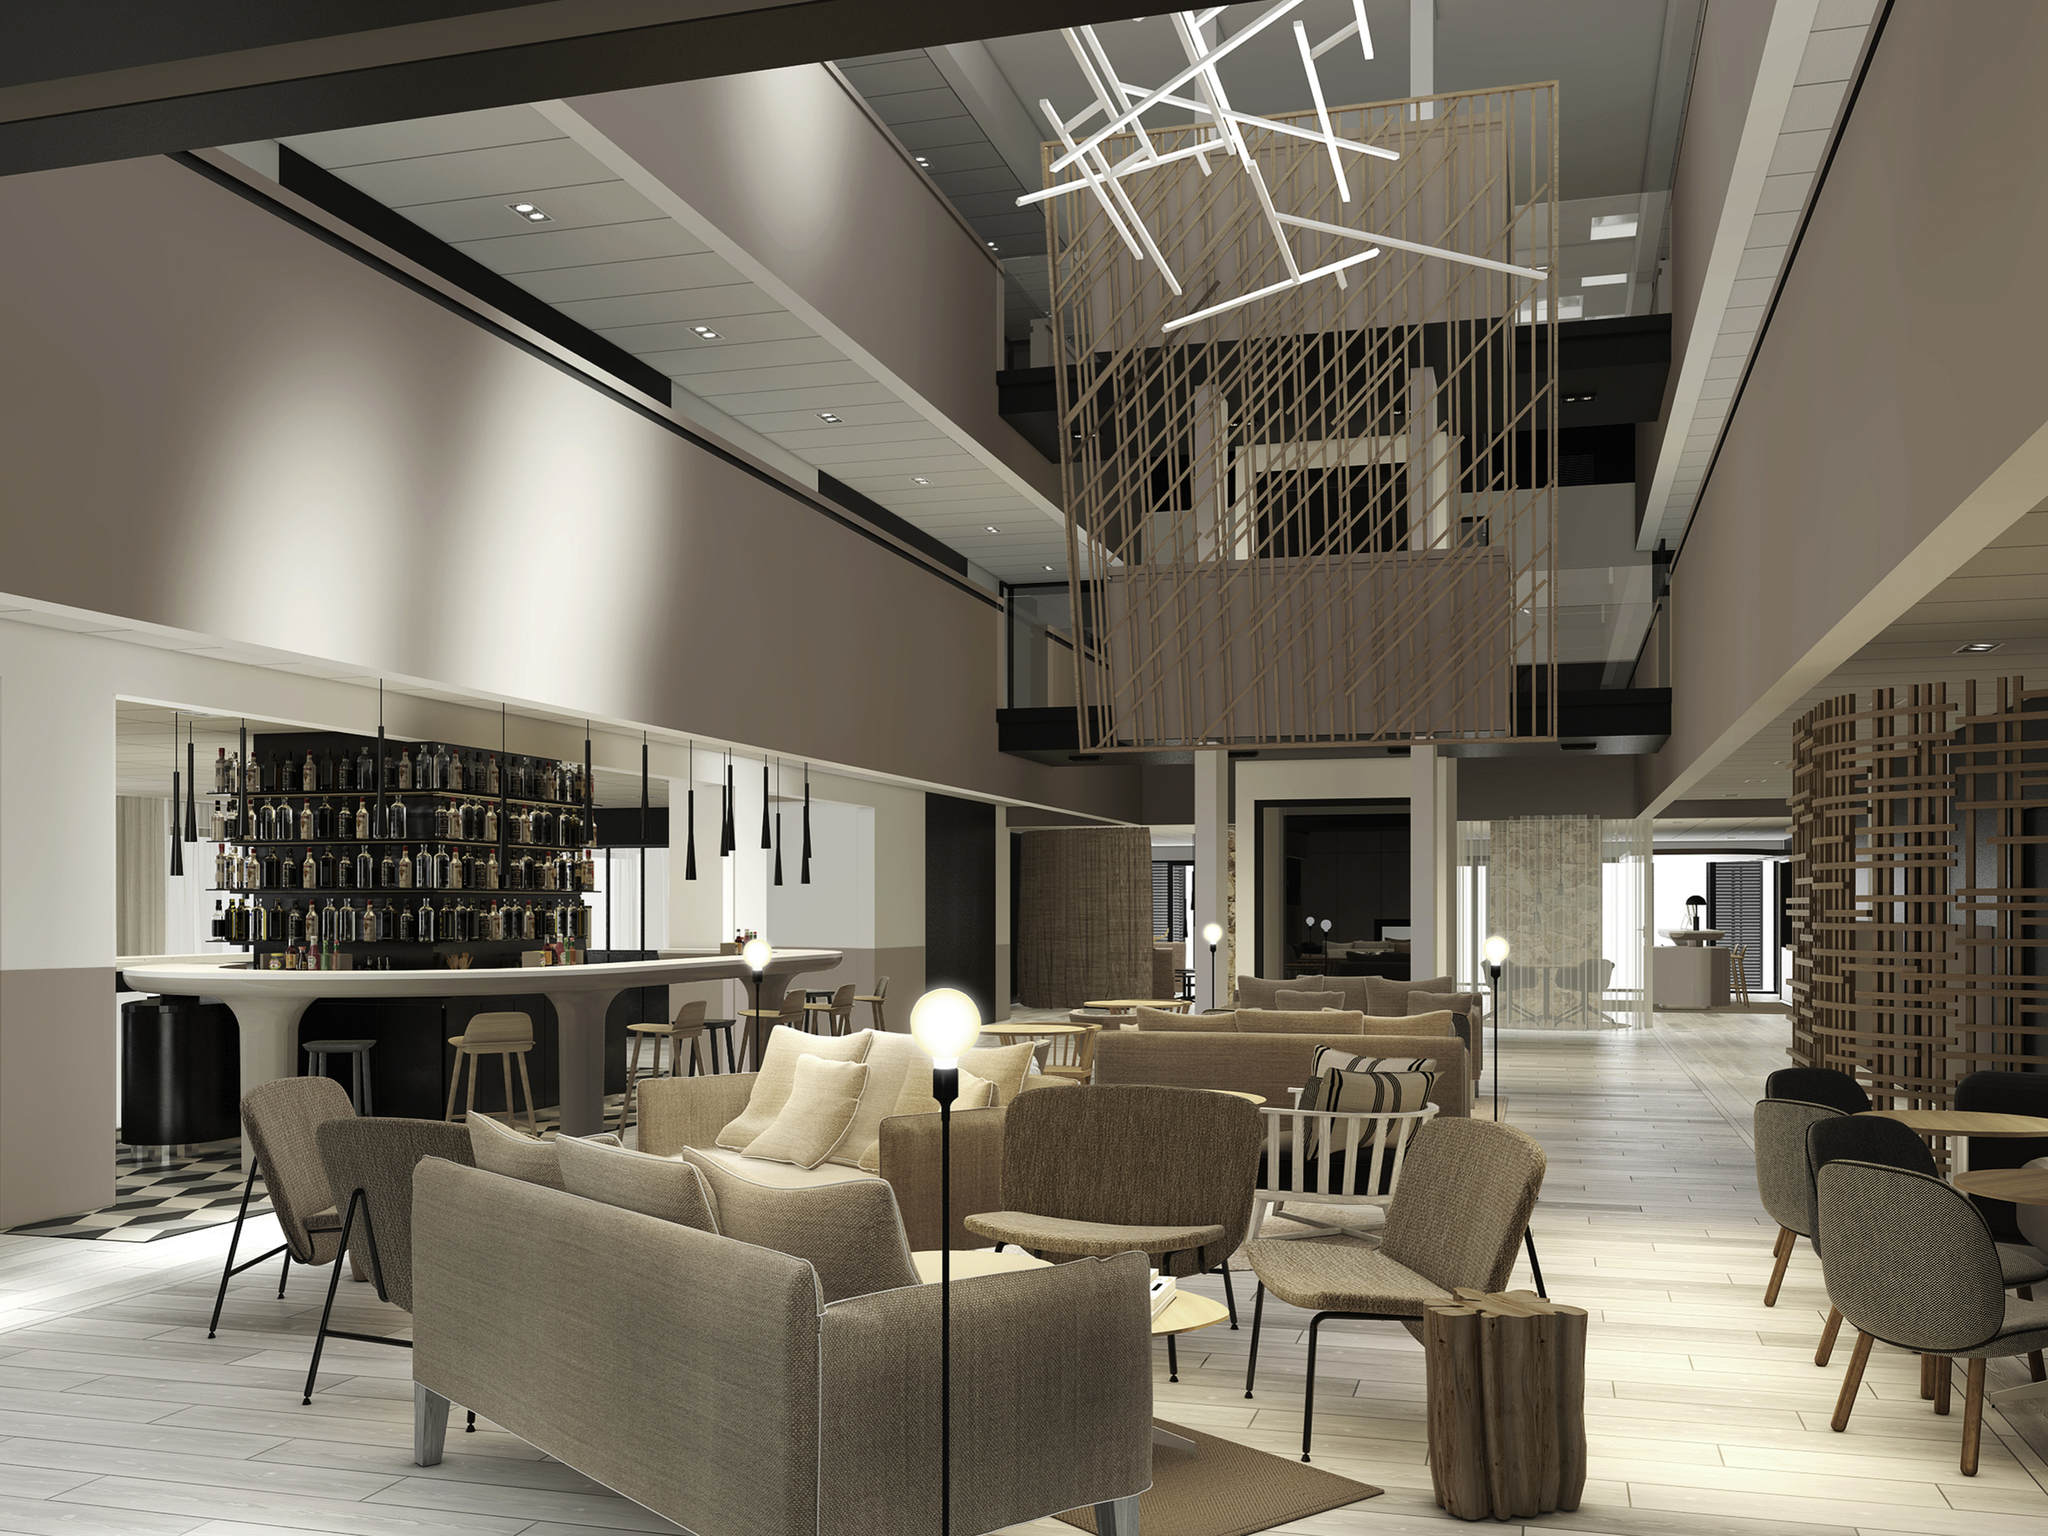 Un nouvel hôtel Mercure 4 étoiles à Bastia